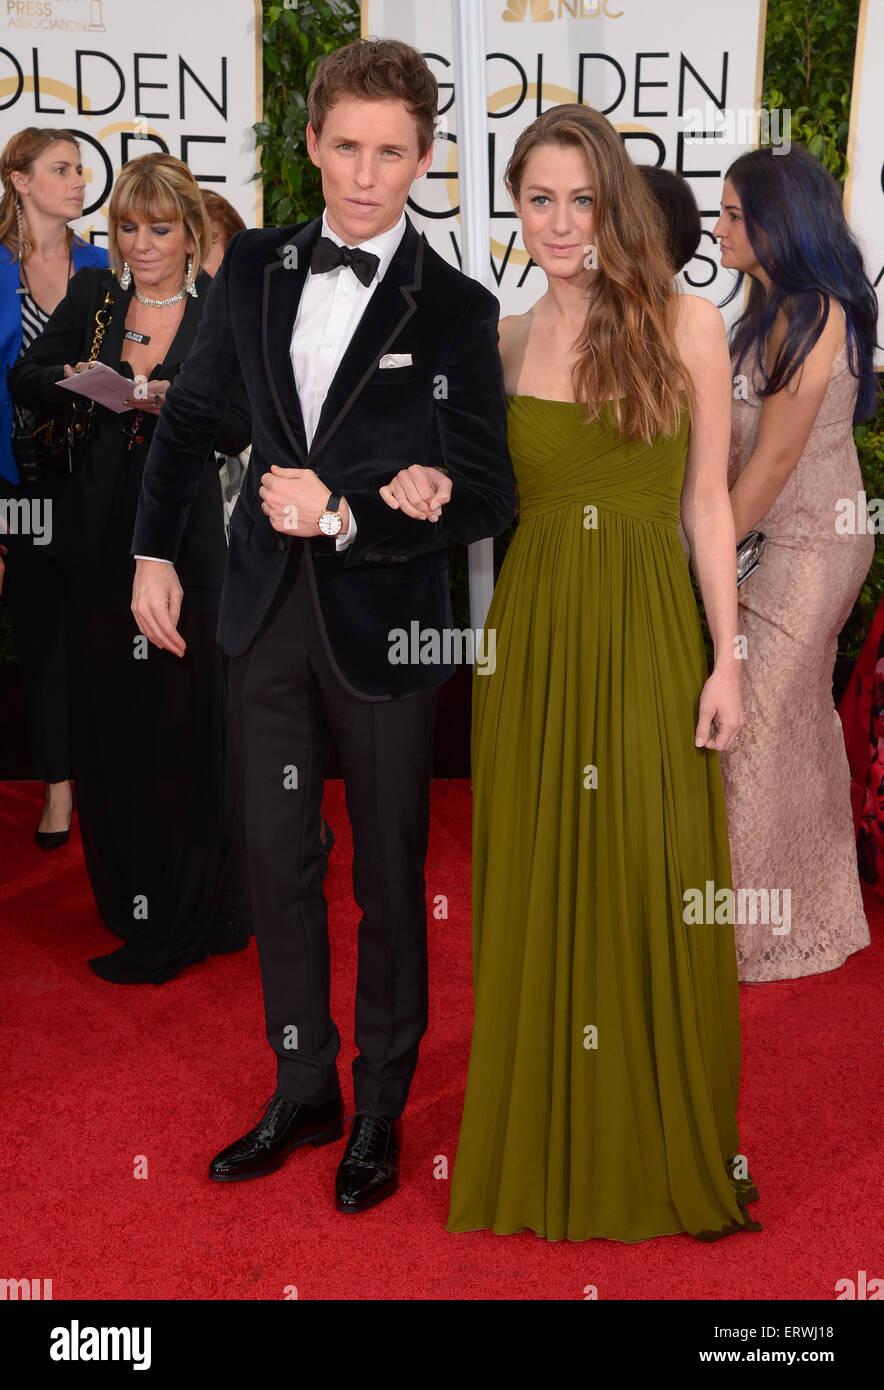 El actor Eddie Redmayne y Hannah Bagshawe, Los Angeles, CA Foto de stock